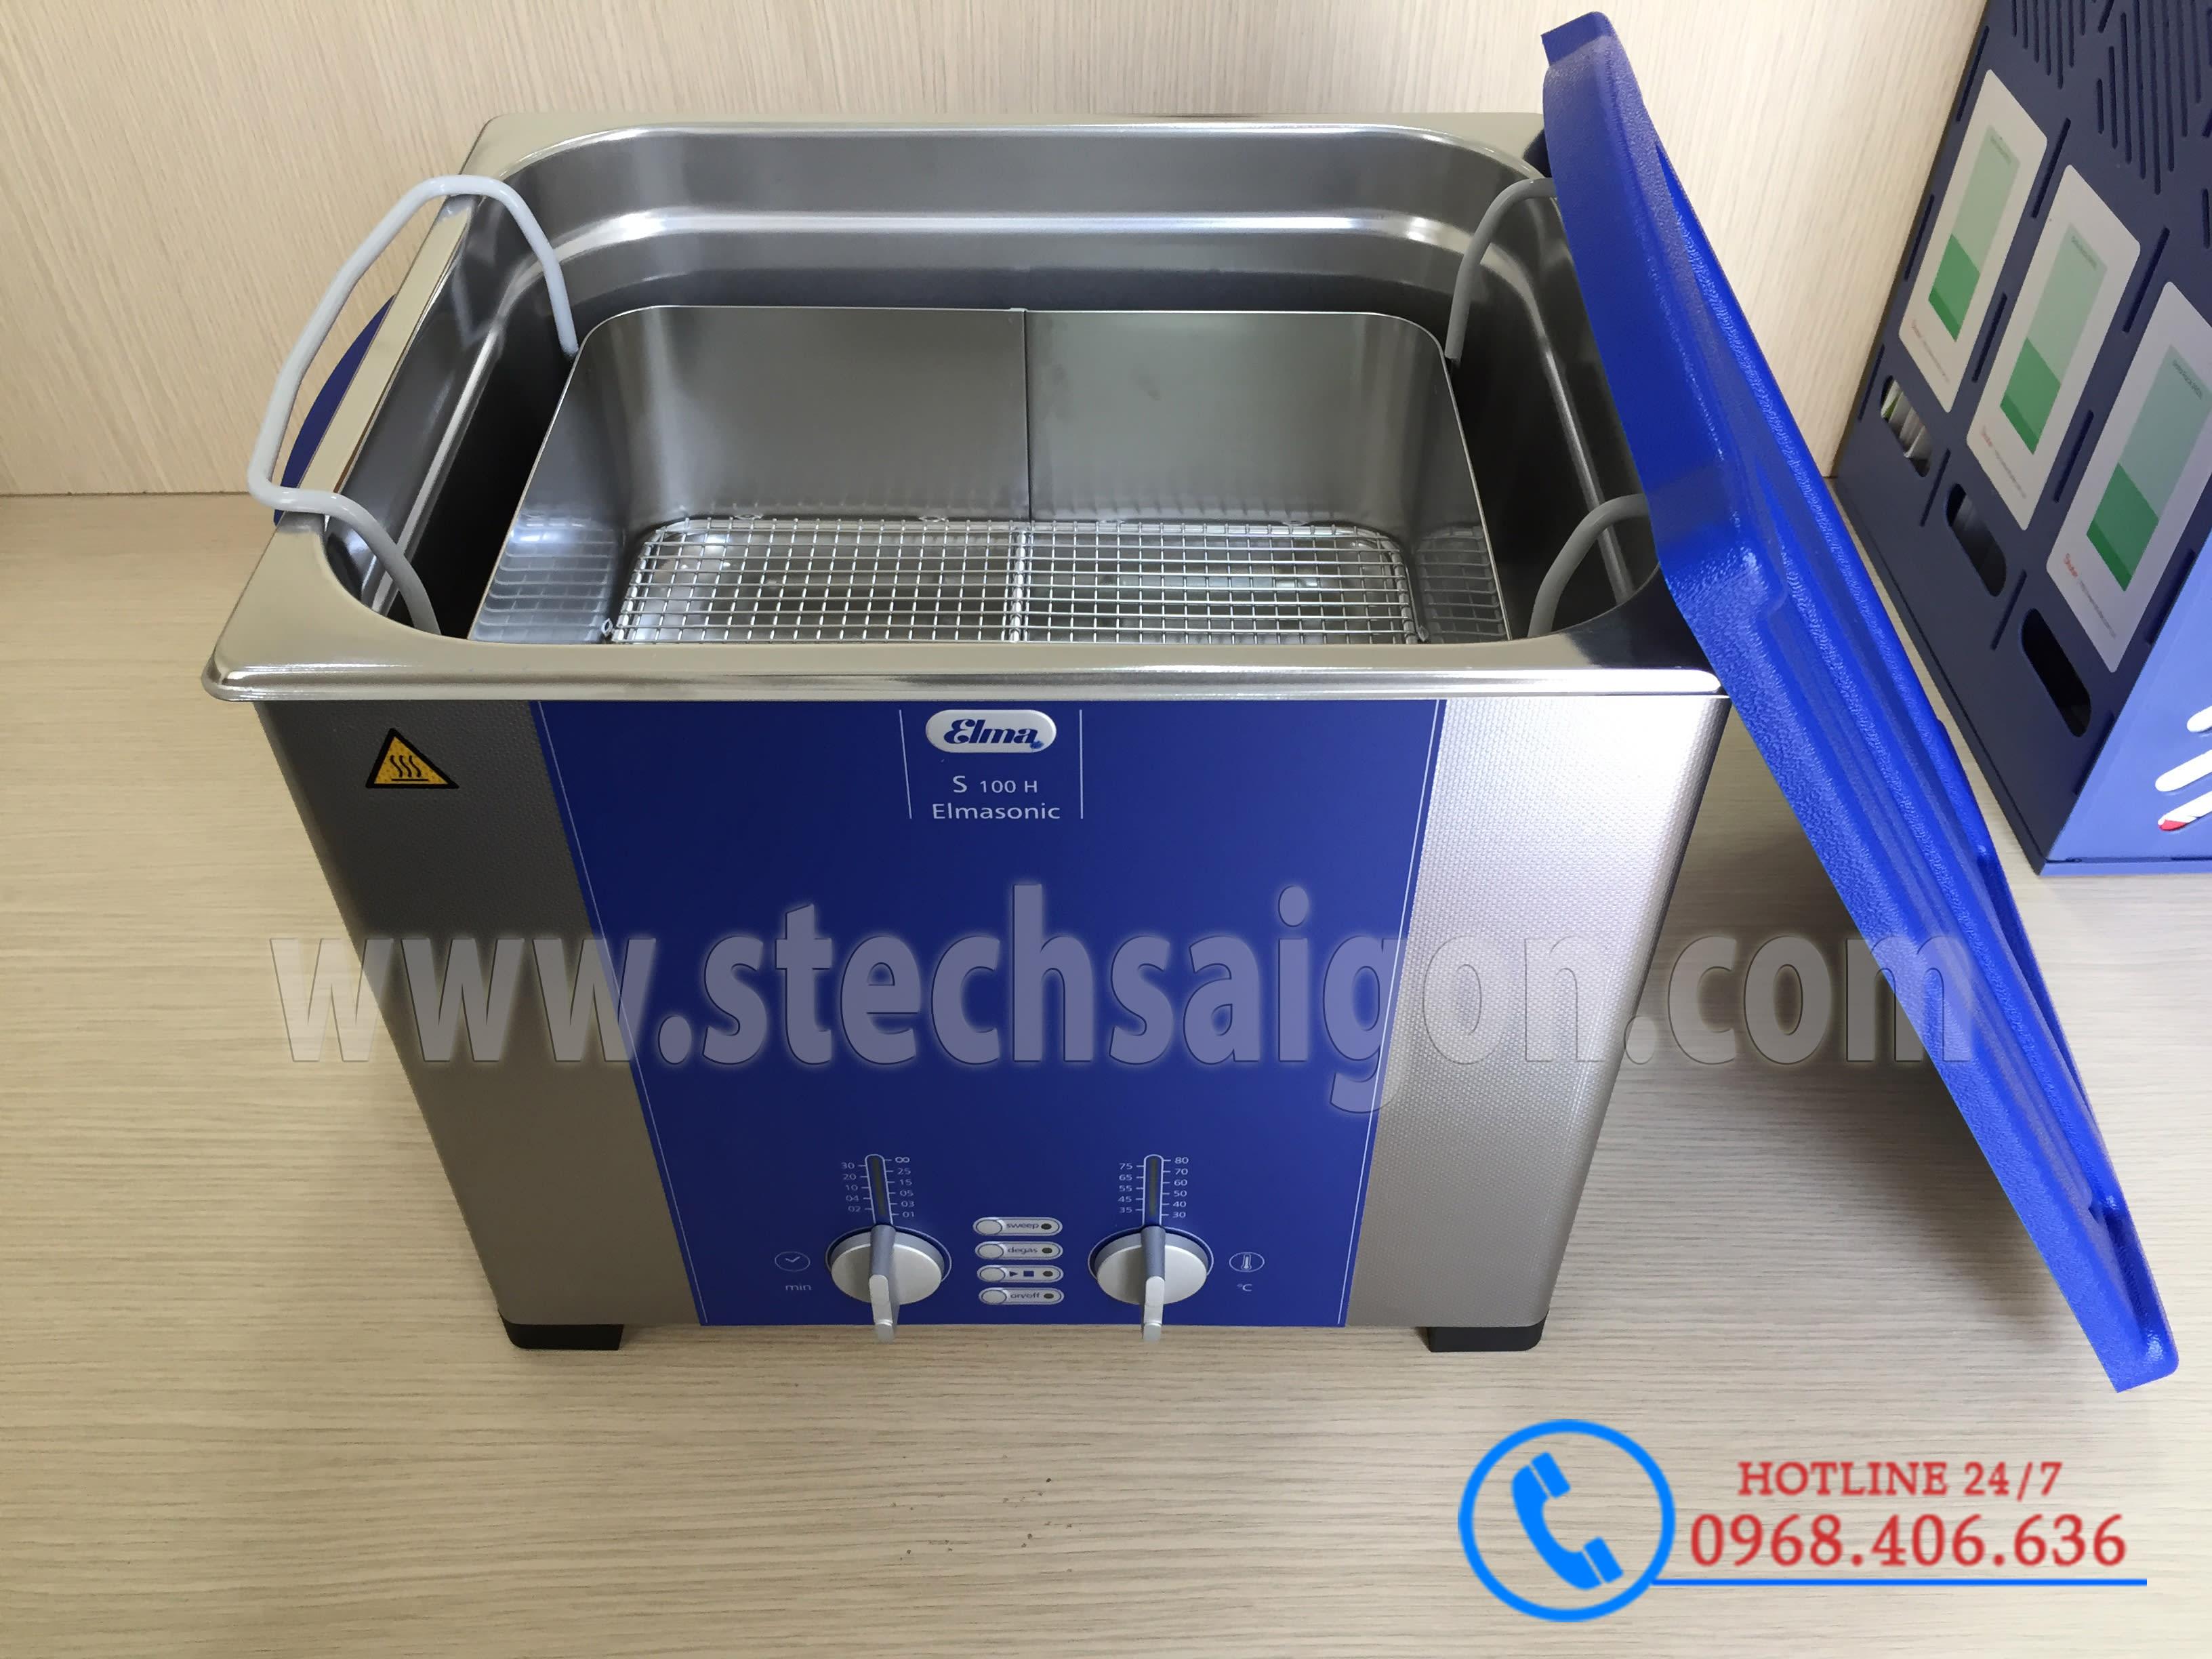 Hình ảnh Bể rửa siêu âm Elma™ S180H - 18 lít sản phẩm có sẵn tại Stech Sài Gòn